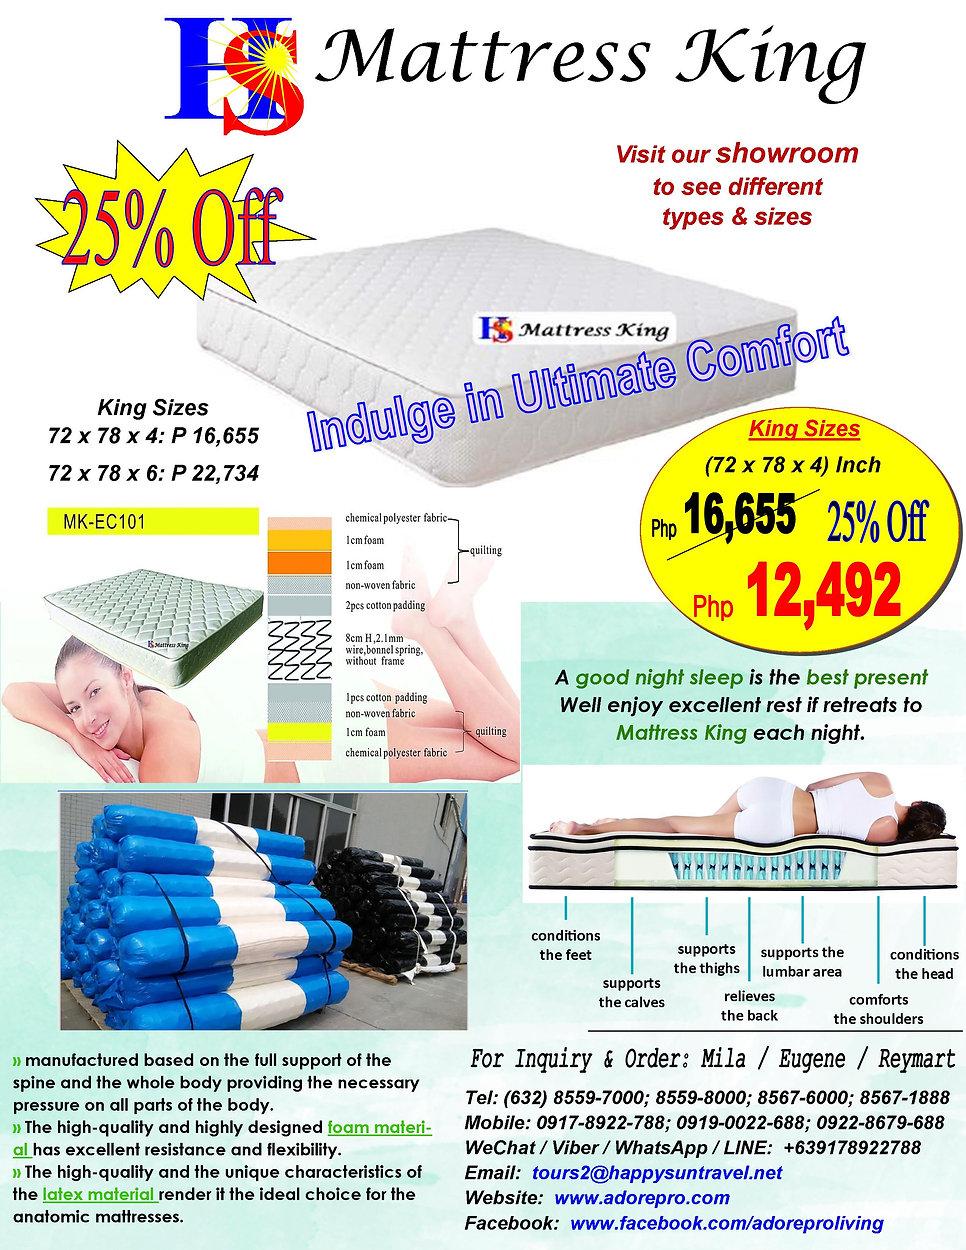 MattressKing_MK-EC101_KingSize_Sales(25%